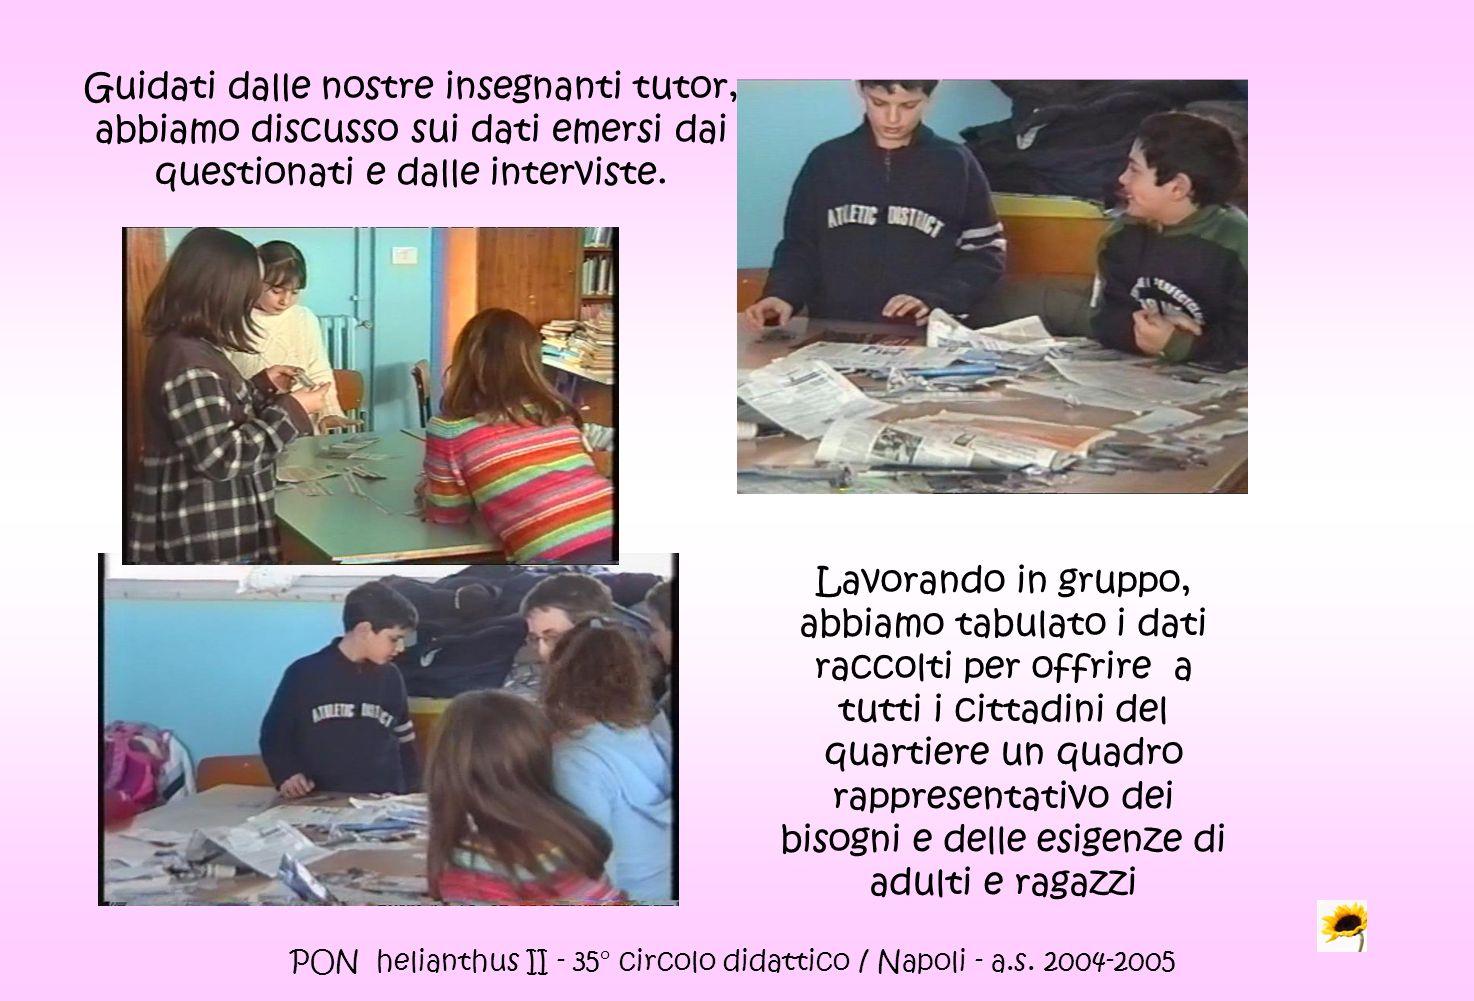 PON helianthus II - 35° circolo didattico / Napoli - a.s. 2004-2005 Guidati dalle nostre insegnanti tutor, abbiamo discusso sui dati emersi dai questi